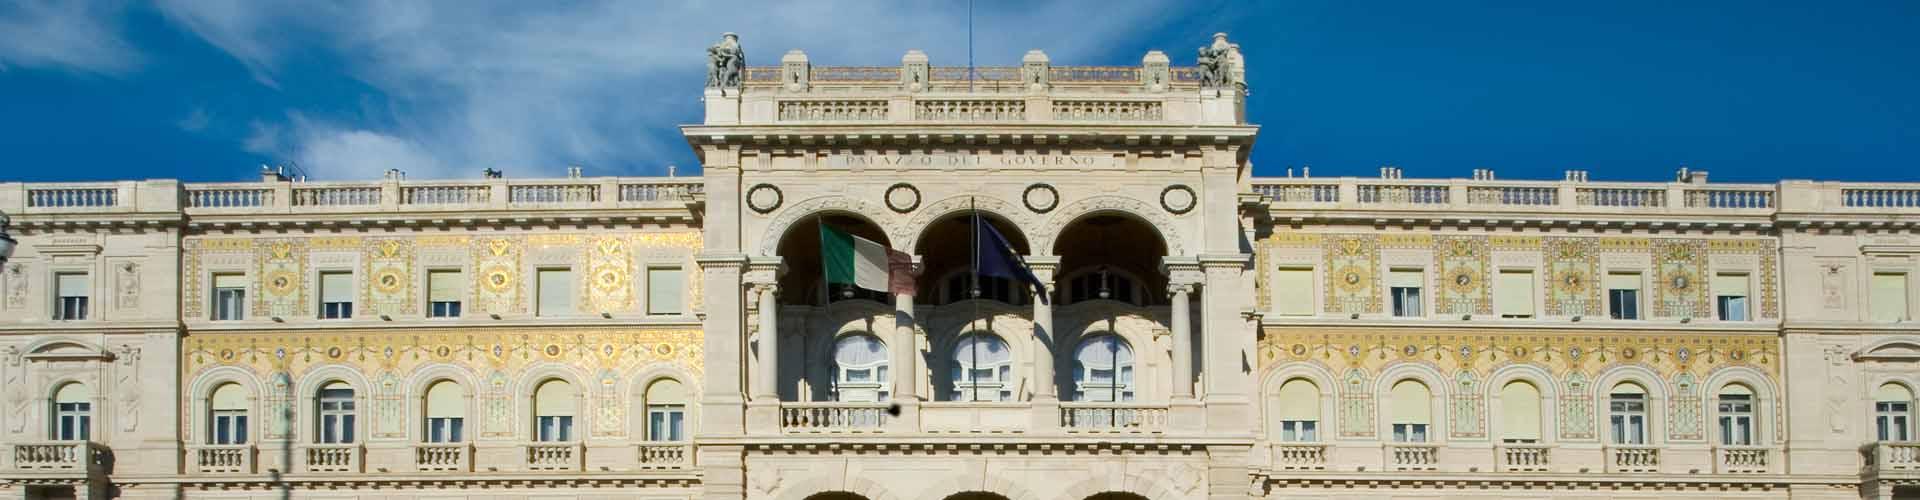 Trieste_Palazzo Hartmann Architecture